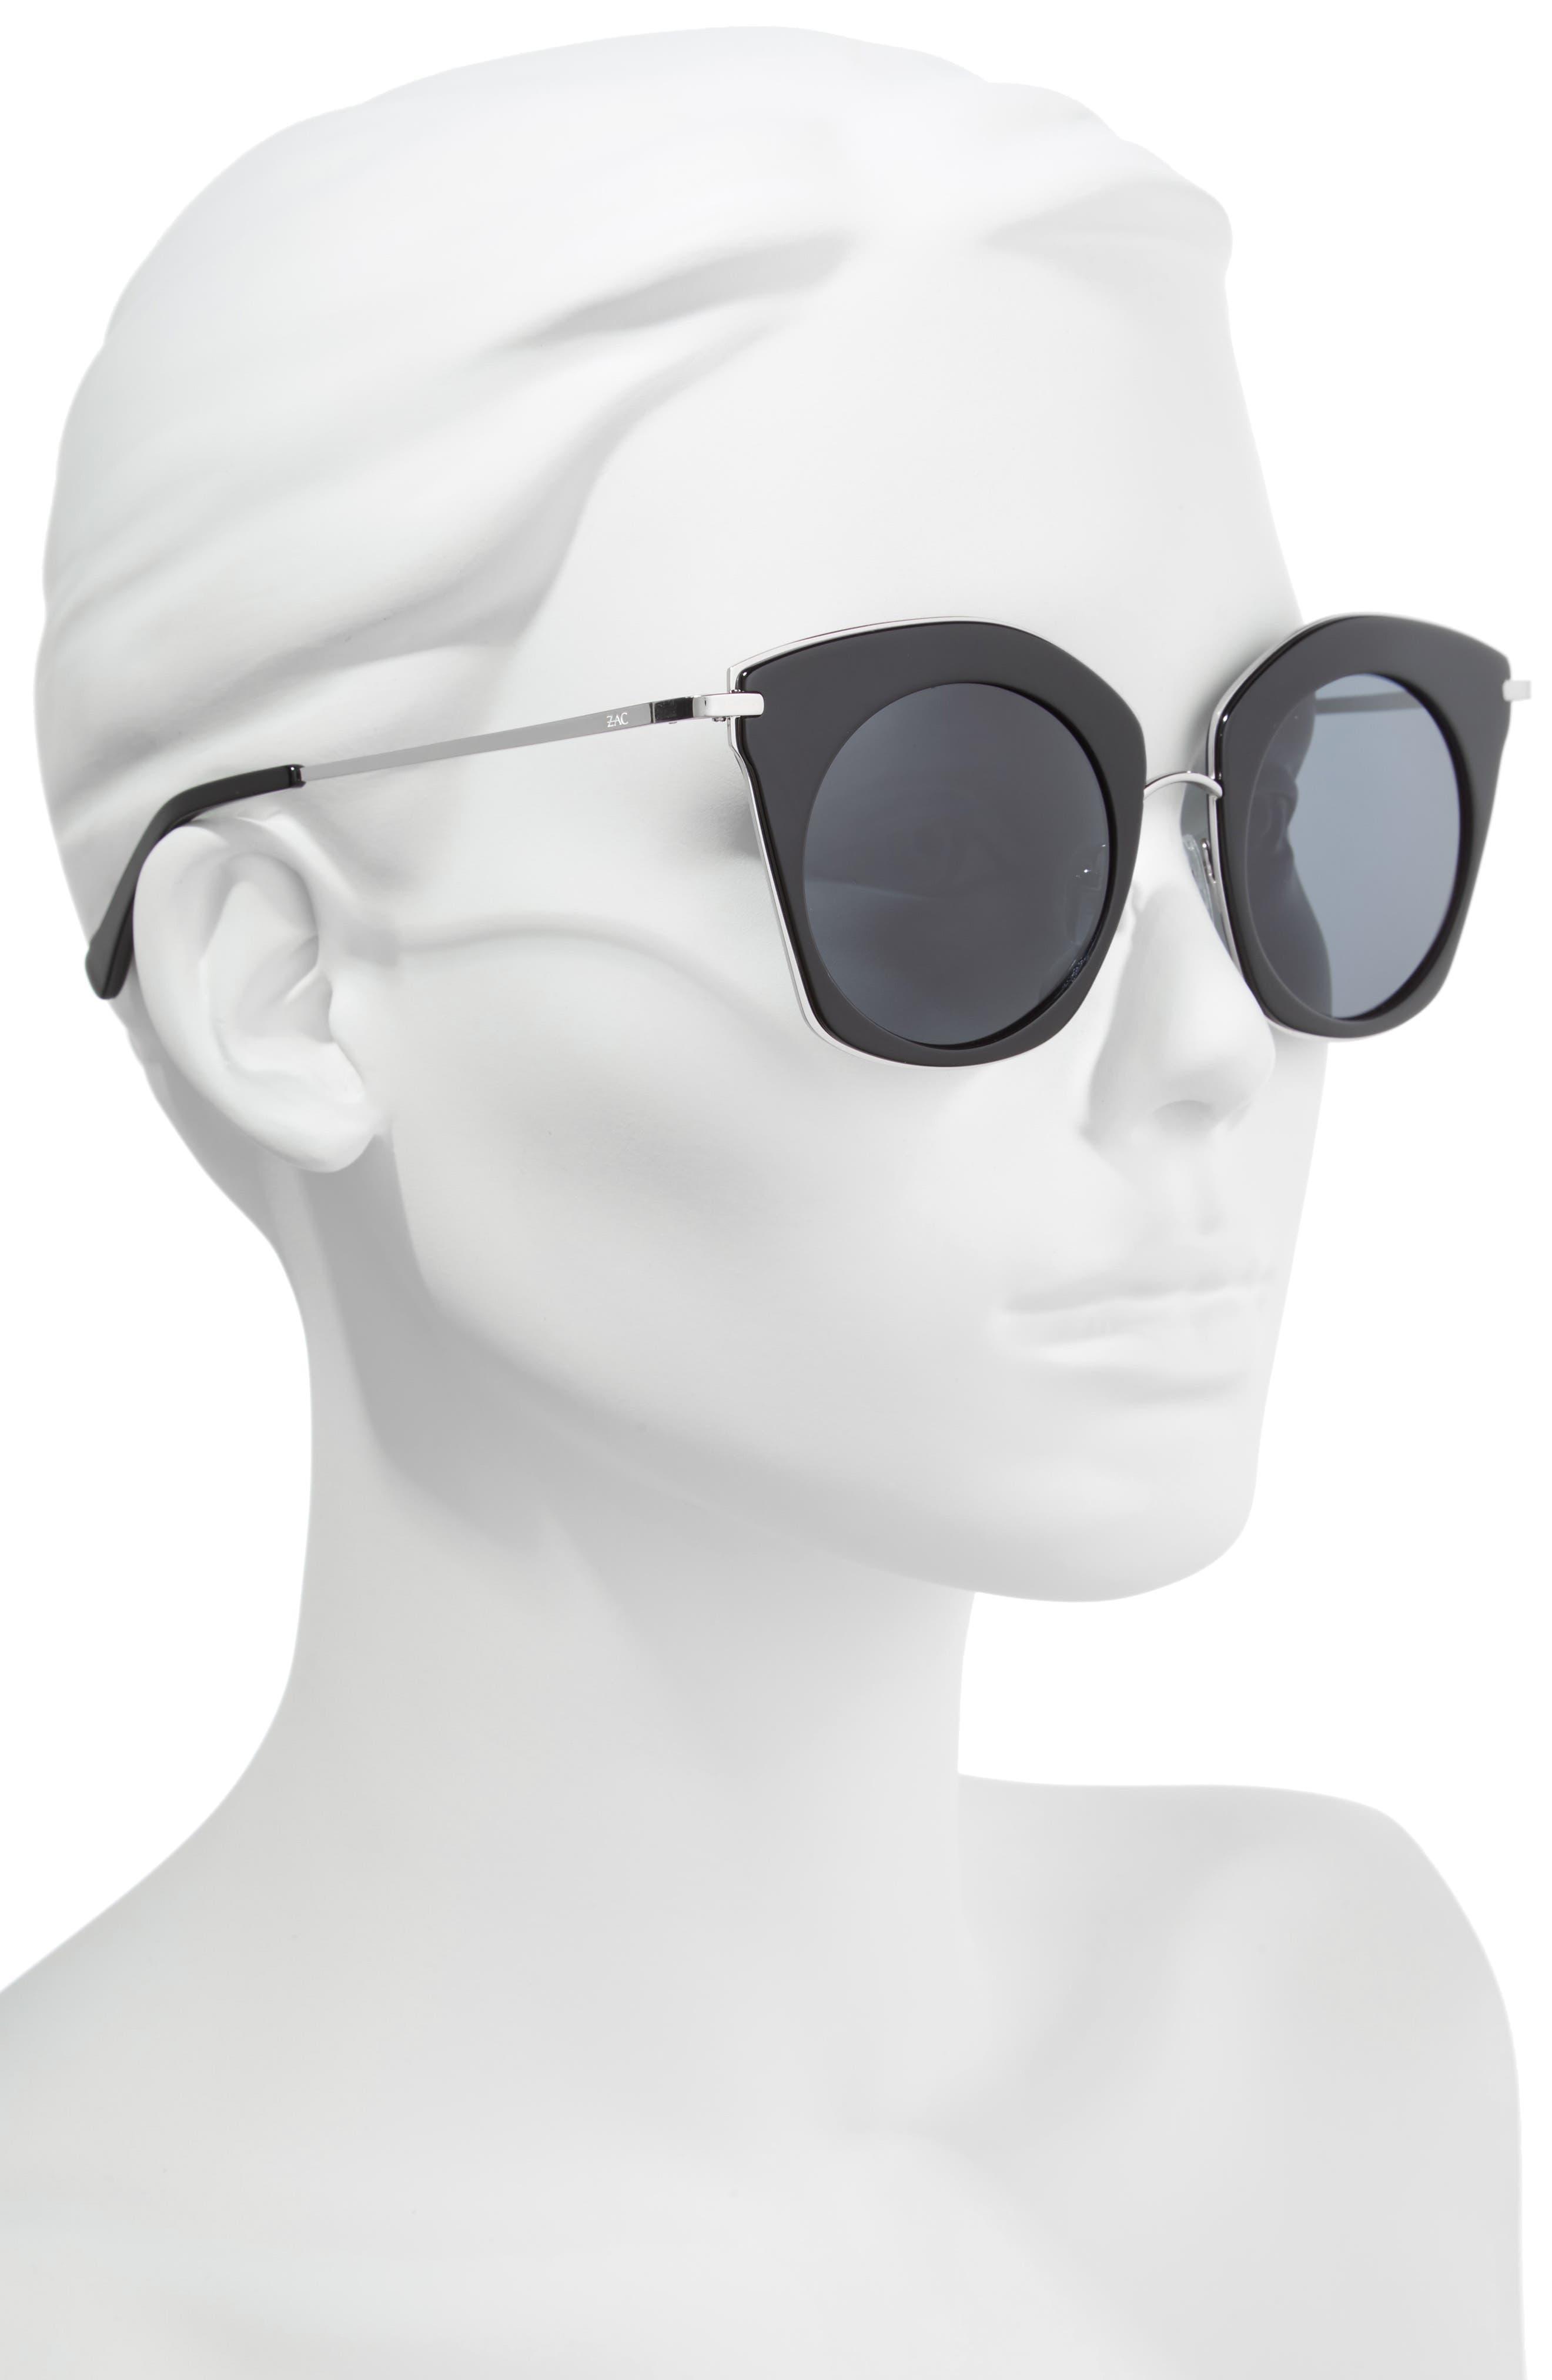 Benita 52mm Polarized Sunglasses,                             Alternate thumbnail 2, color,                             BLACK POLAR